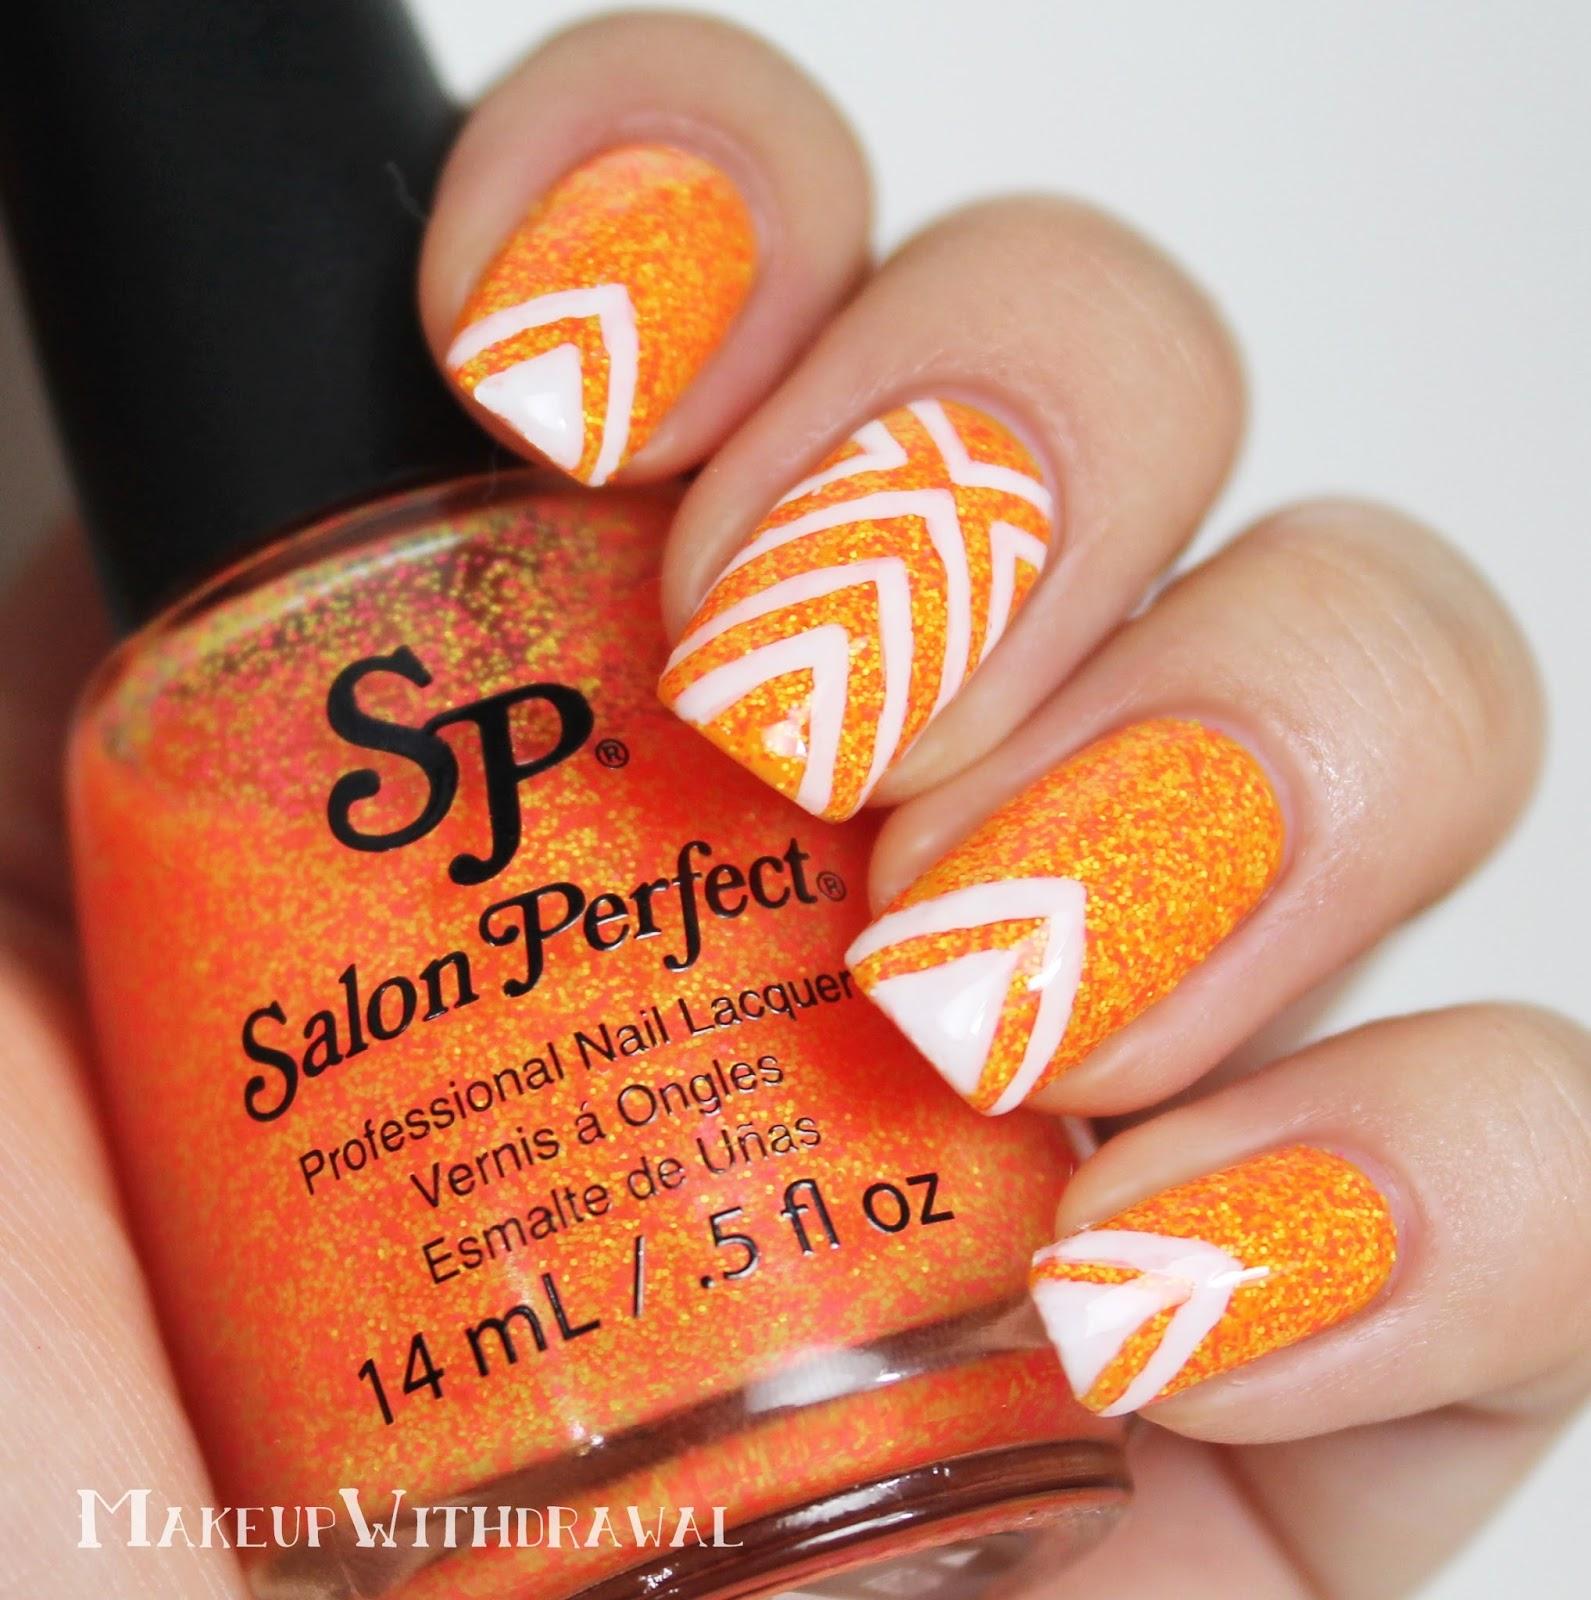 Guest Post by MakeupWithdrawal: Papaya Punch & Bang